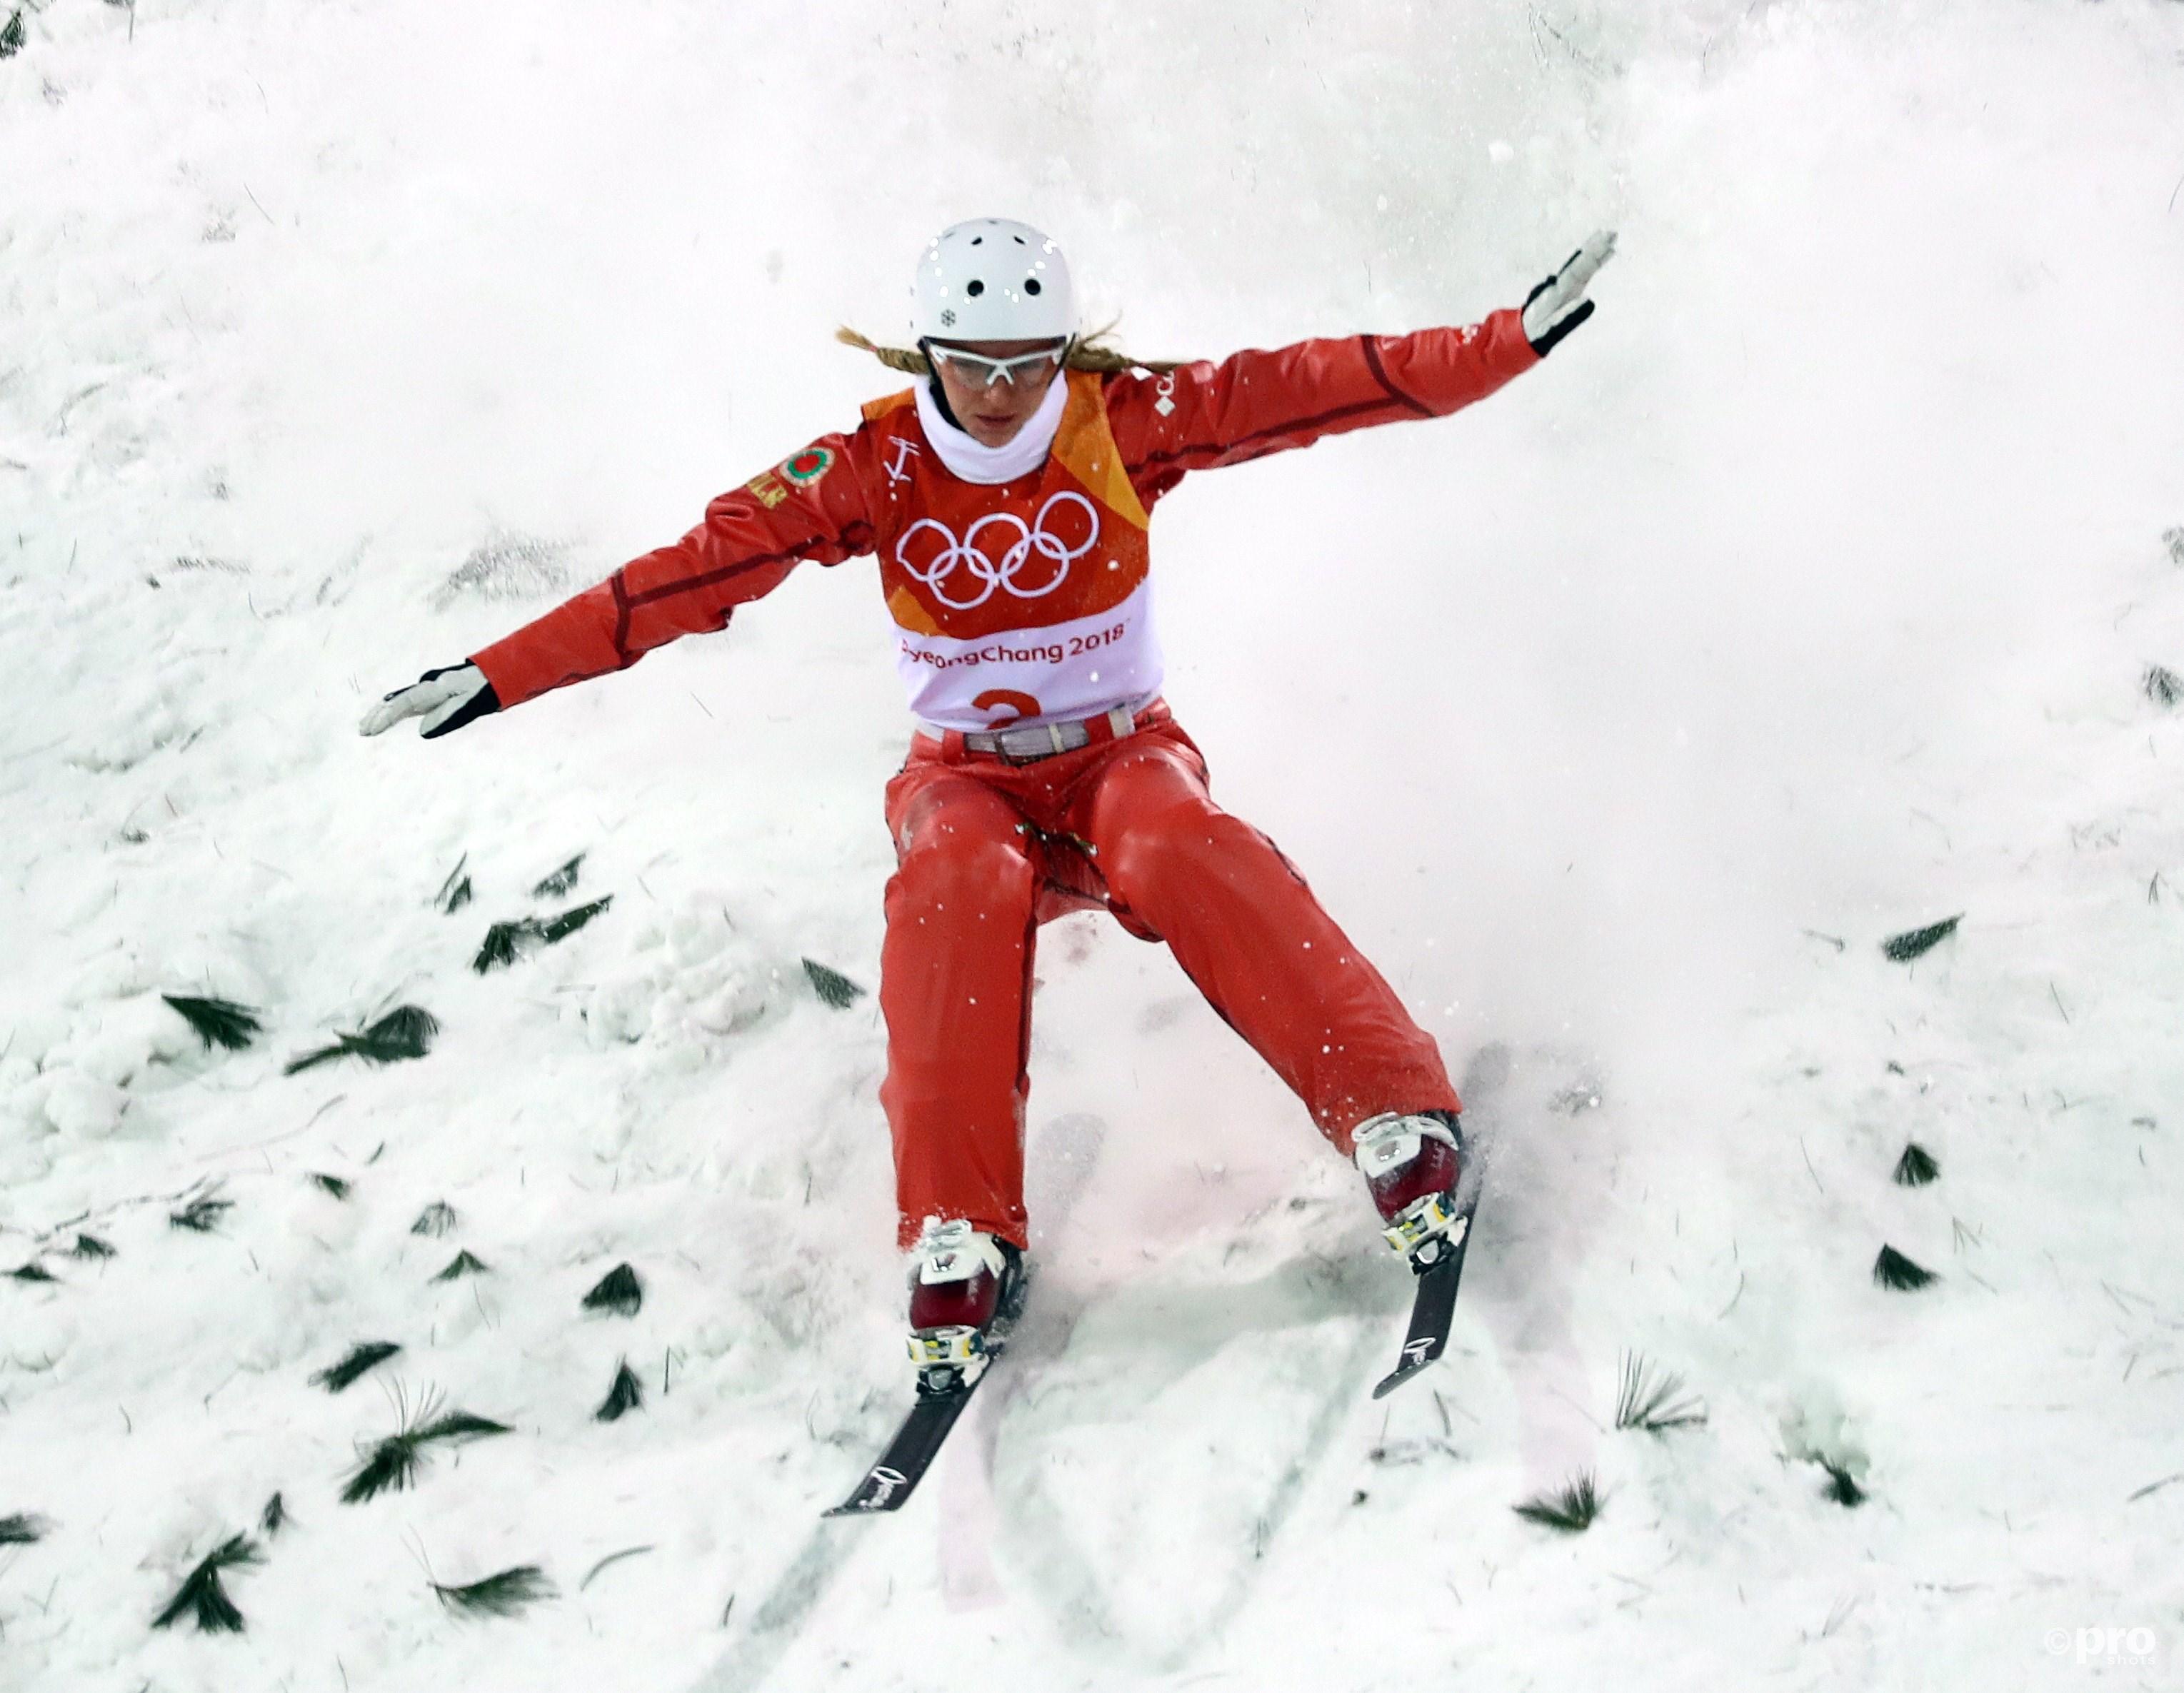 Ondanks een lastige landing was er goud voor Huskova (Pro Shots/Action Images)